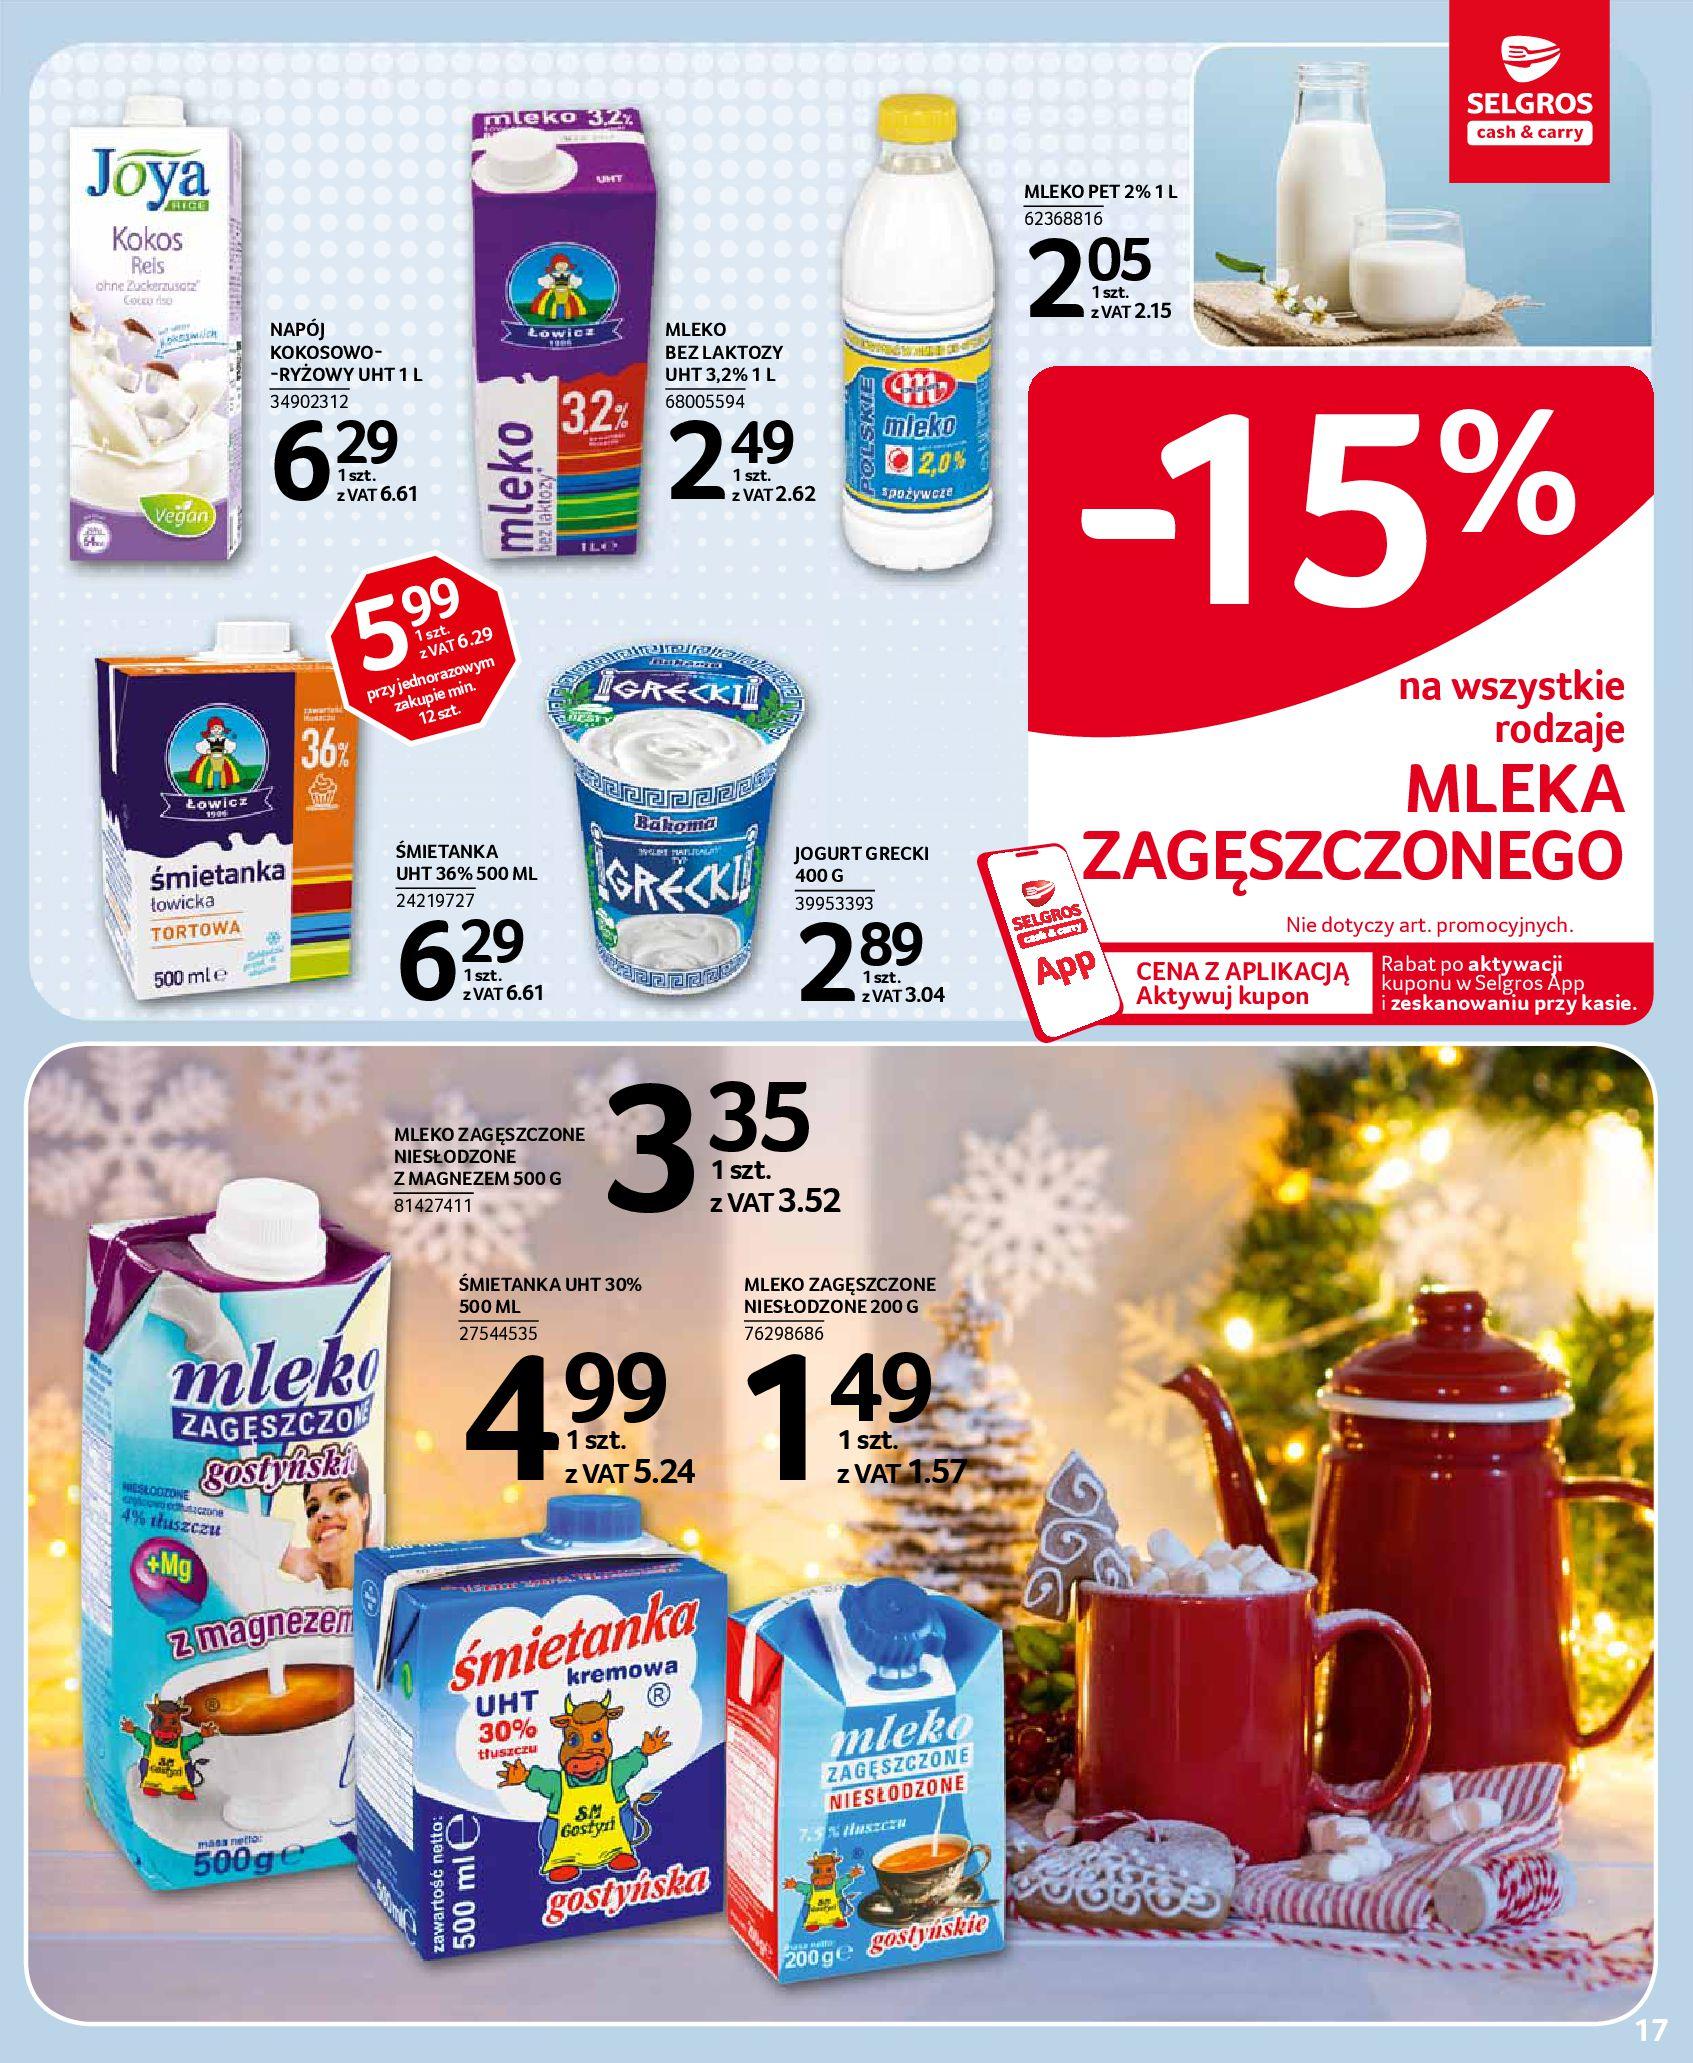 Gazetka Selgros - Oferta spożywcza-18.11.2020-02.12.2020-page-17